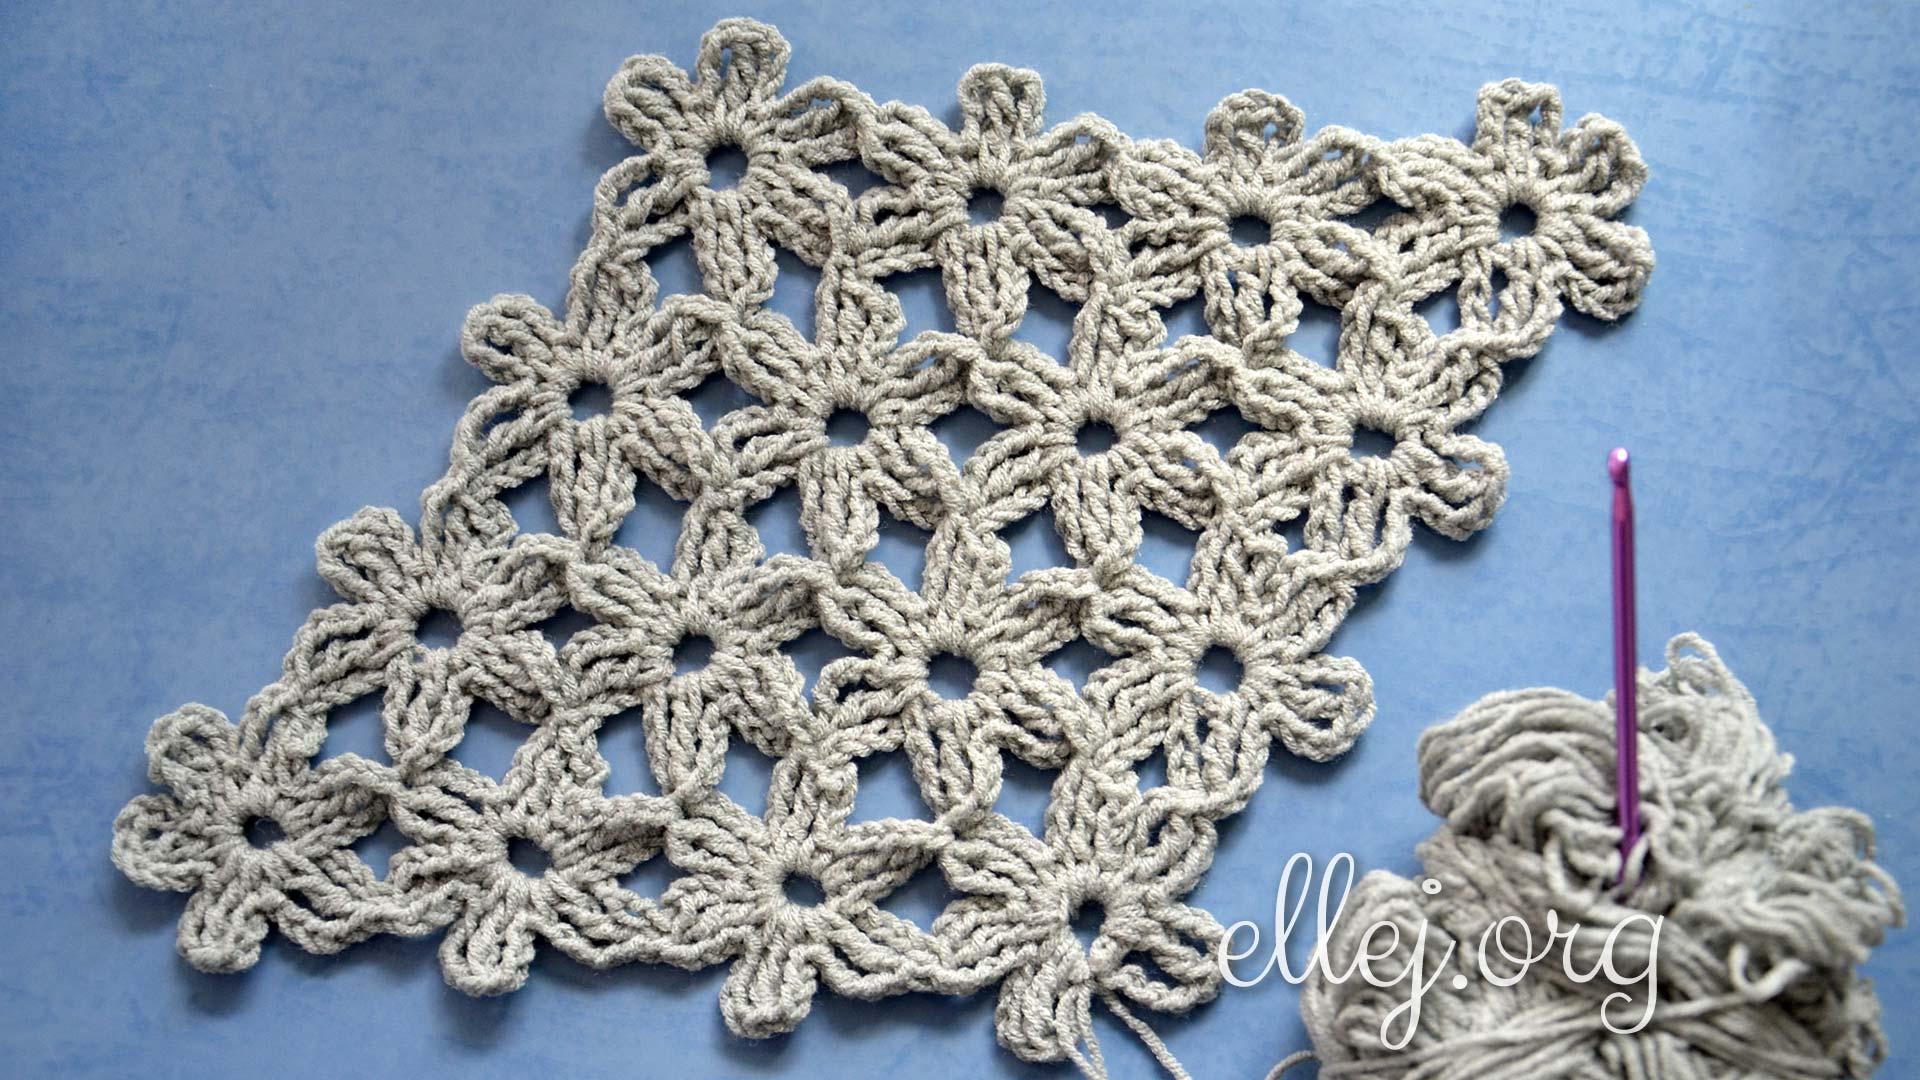 Безотрывное вязание цветочных мотивов | Вязание крючком от Елены Кожухарь